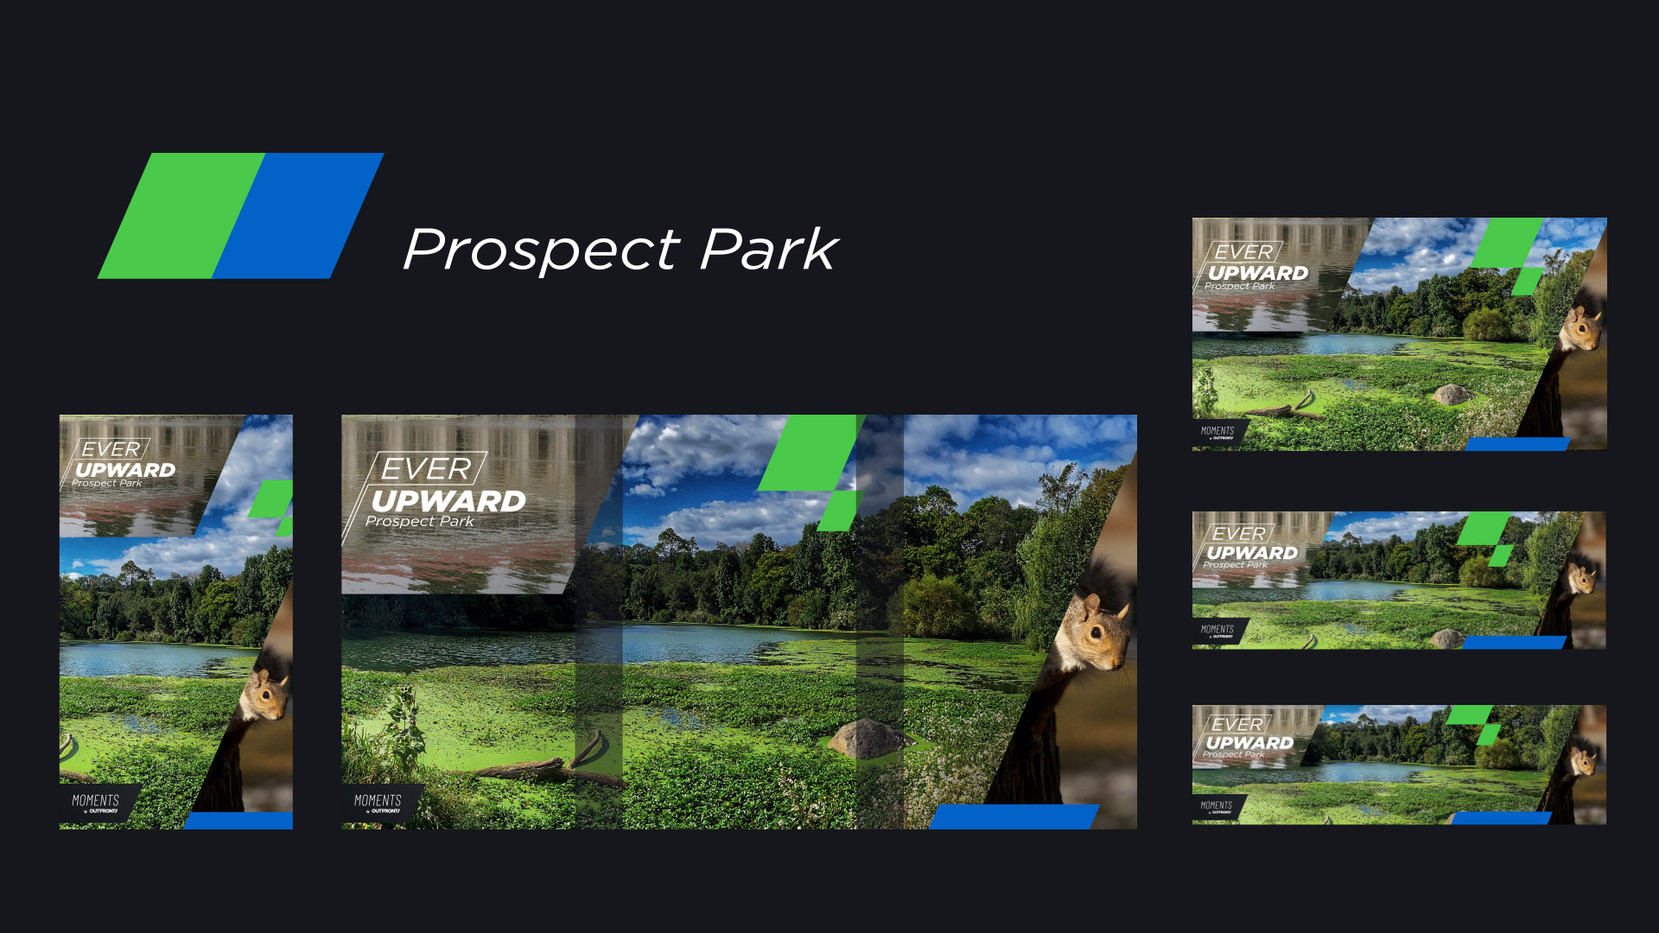 _ce_bk_ProspectPark_master.jpg